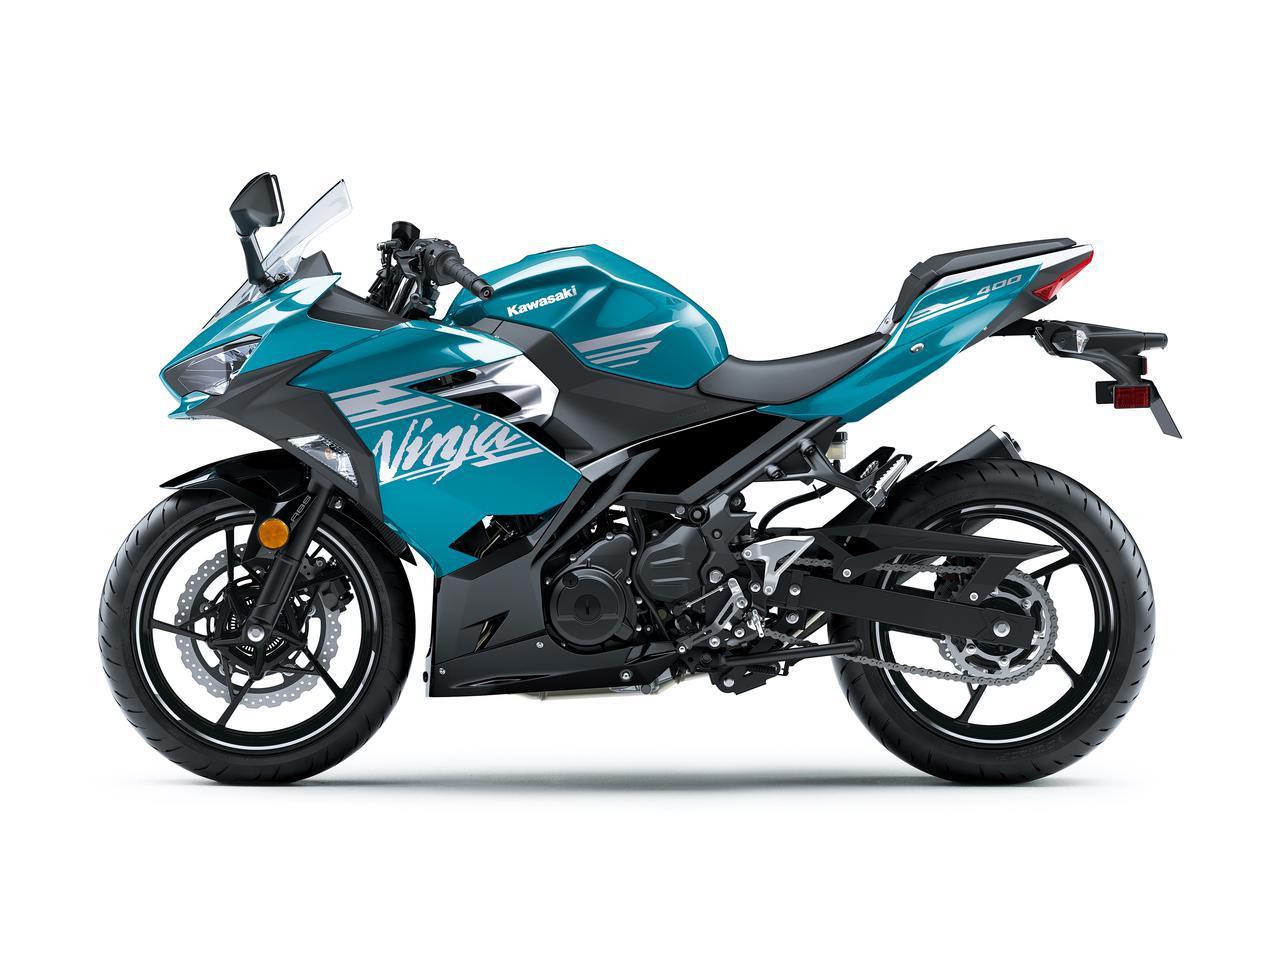 画像5: カワサキが「ニンジャ400」の2021年モデルを発表! KRTエディションと合わせ、3色すべてニューカラーに!